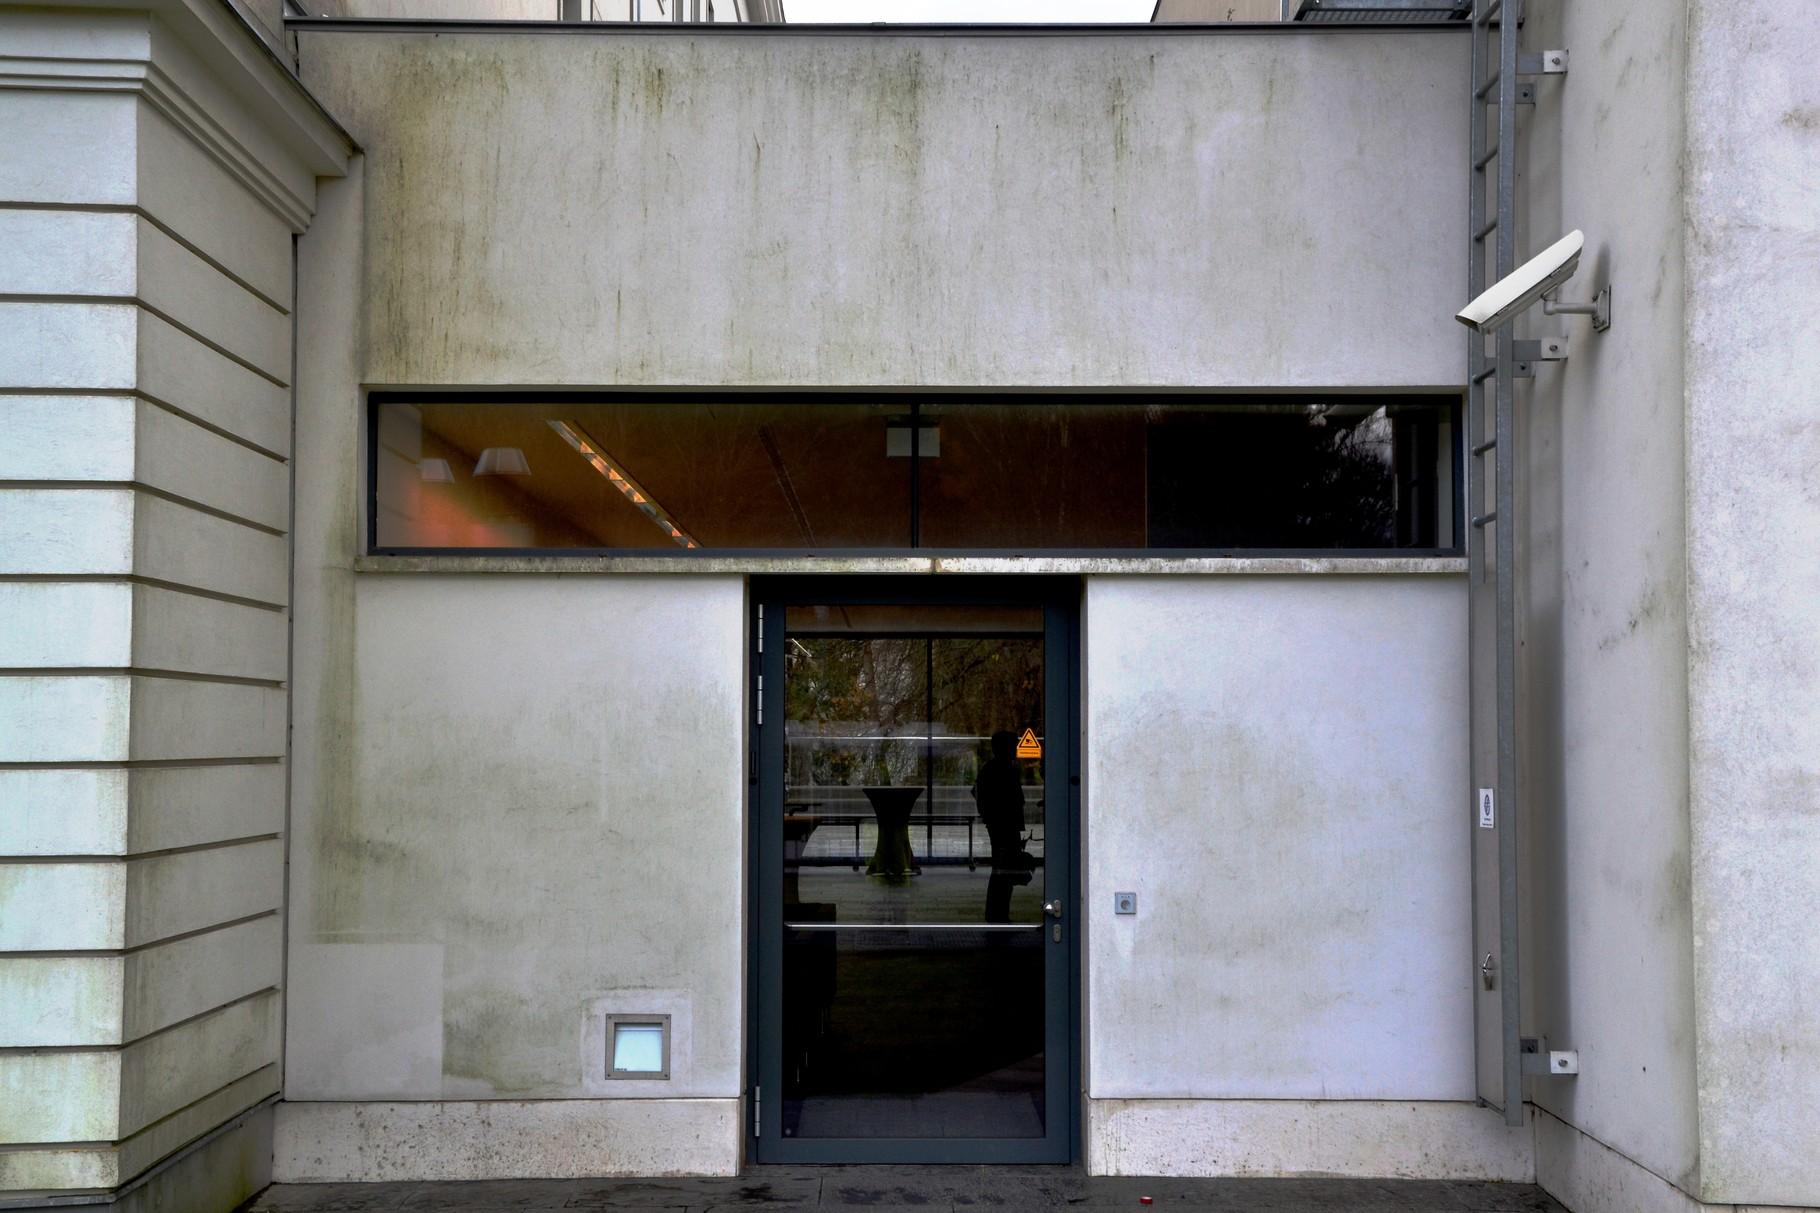 Eingangsbereich mit 'einfachem' Algenbefall vor der Fassadenreinigung